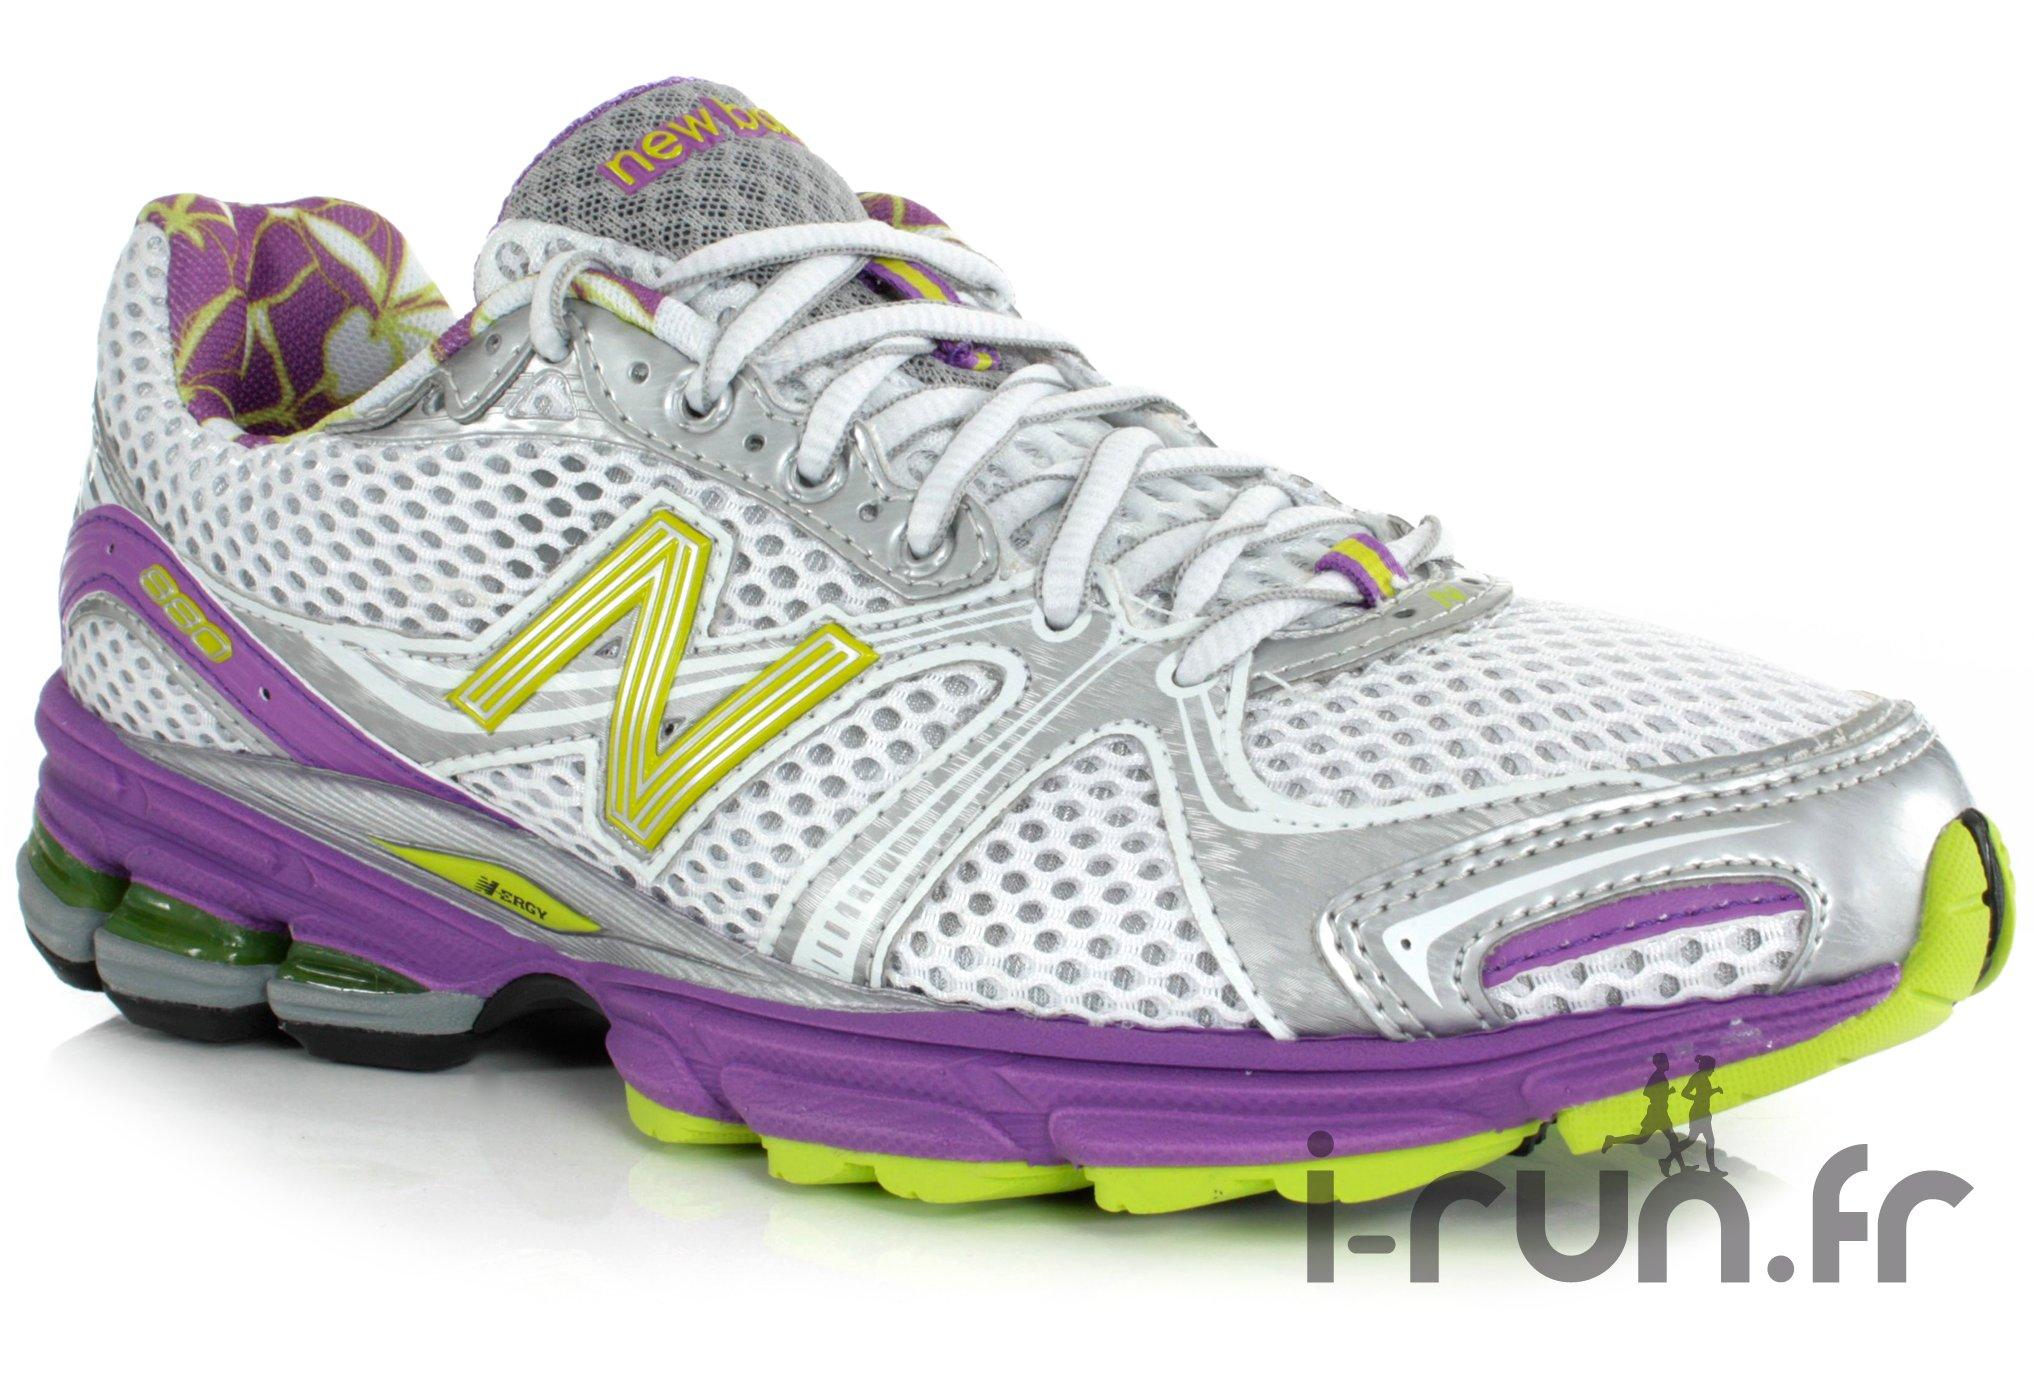 880 W Chaussures Balance Cher New Femme Dt Running Fxtt87wqp Pas Can6q